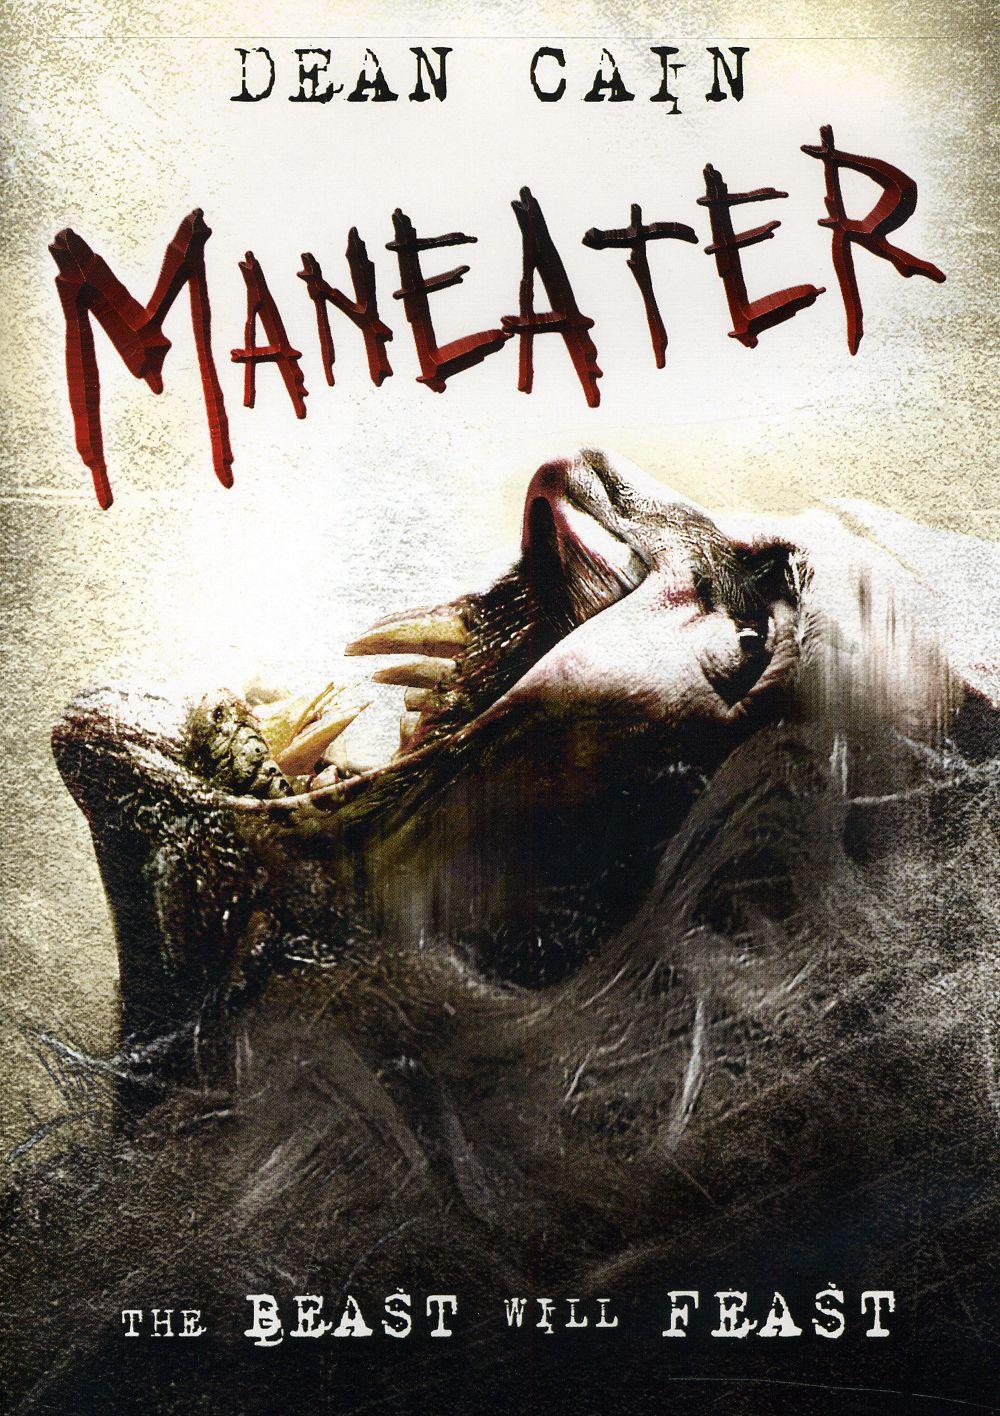 Maneater (DVD)